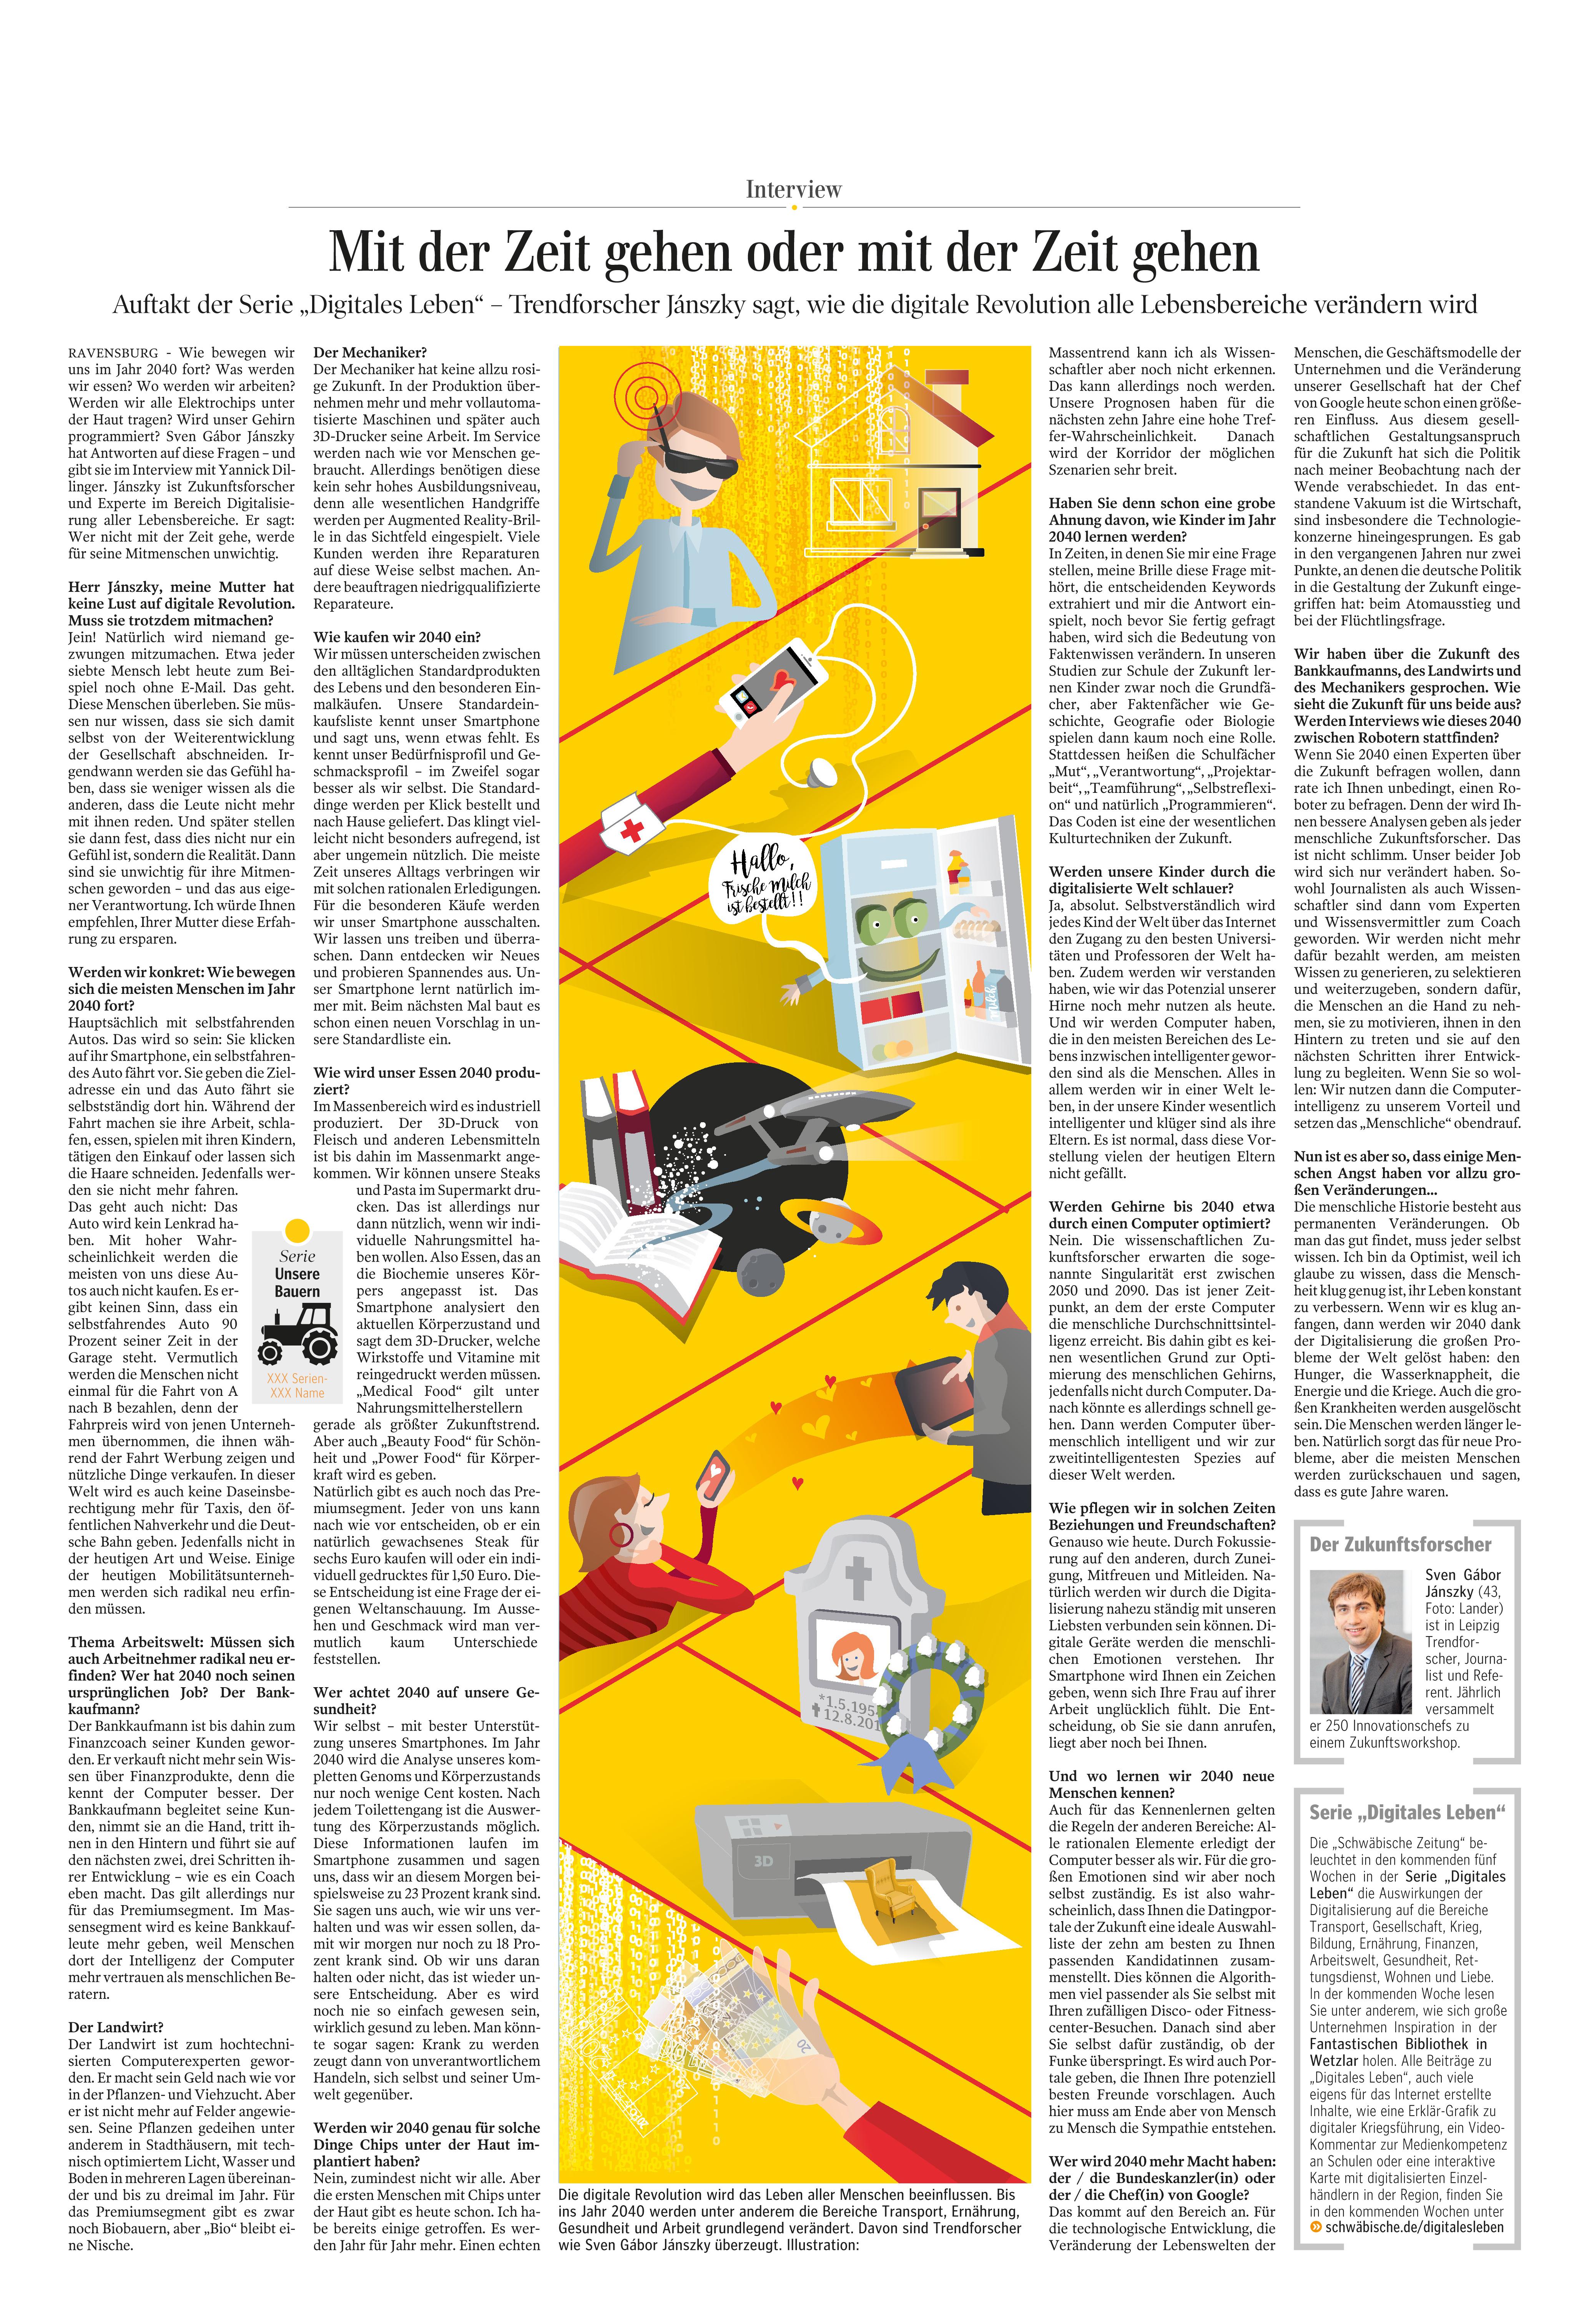 Interview_Zukunftsforscher.jpg